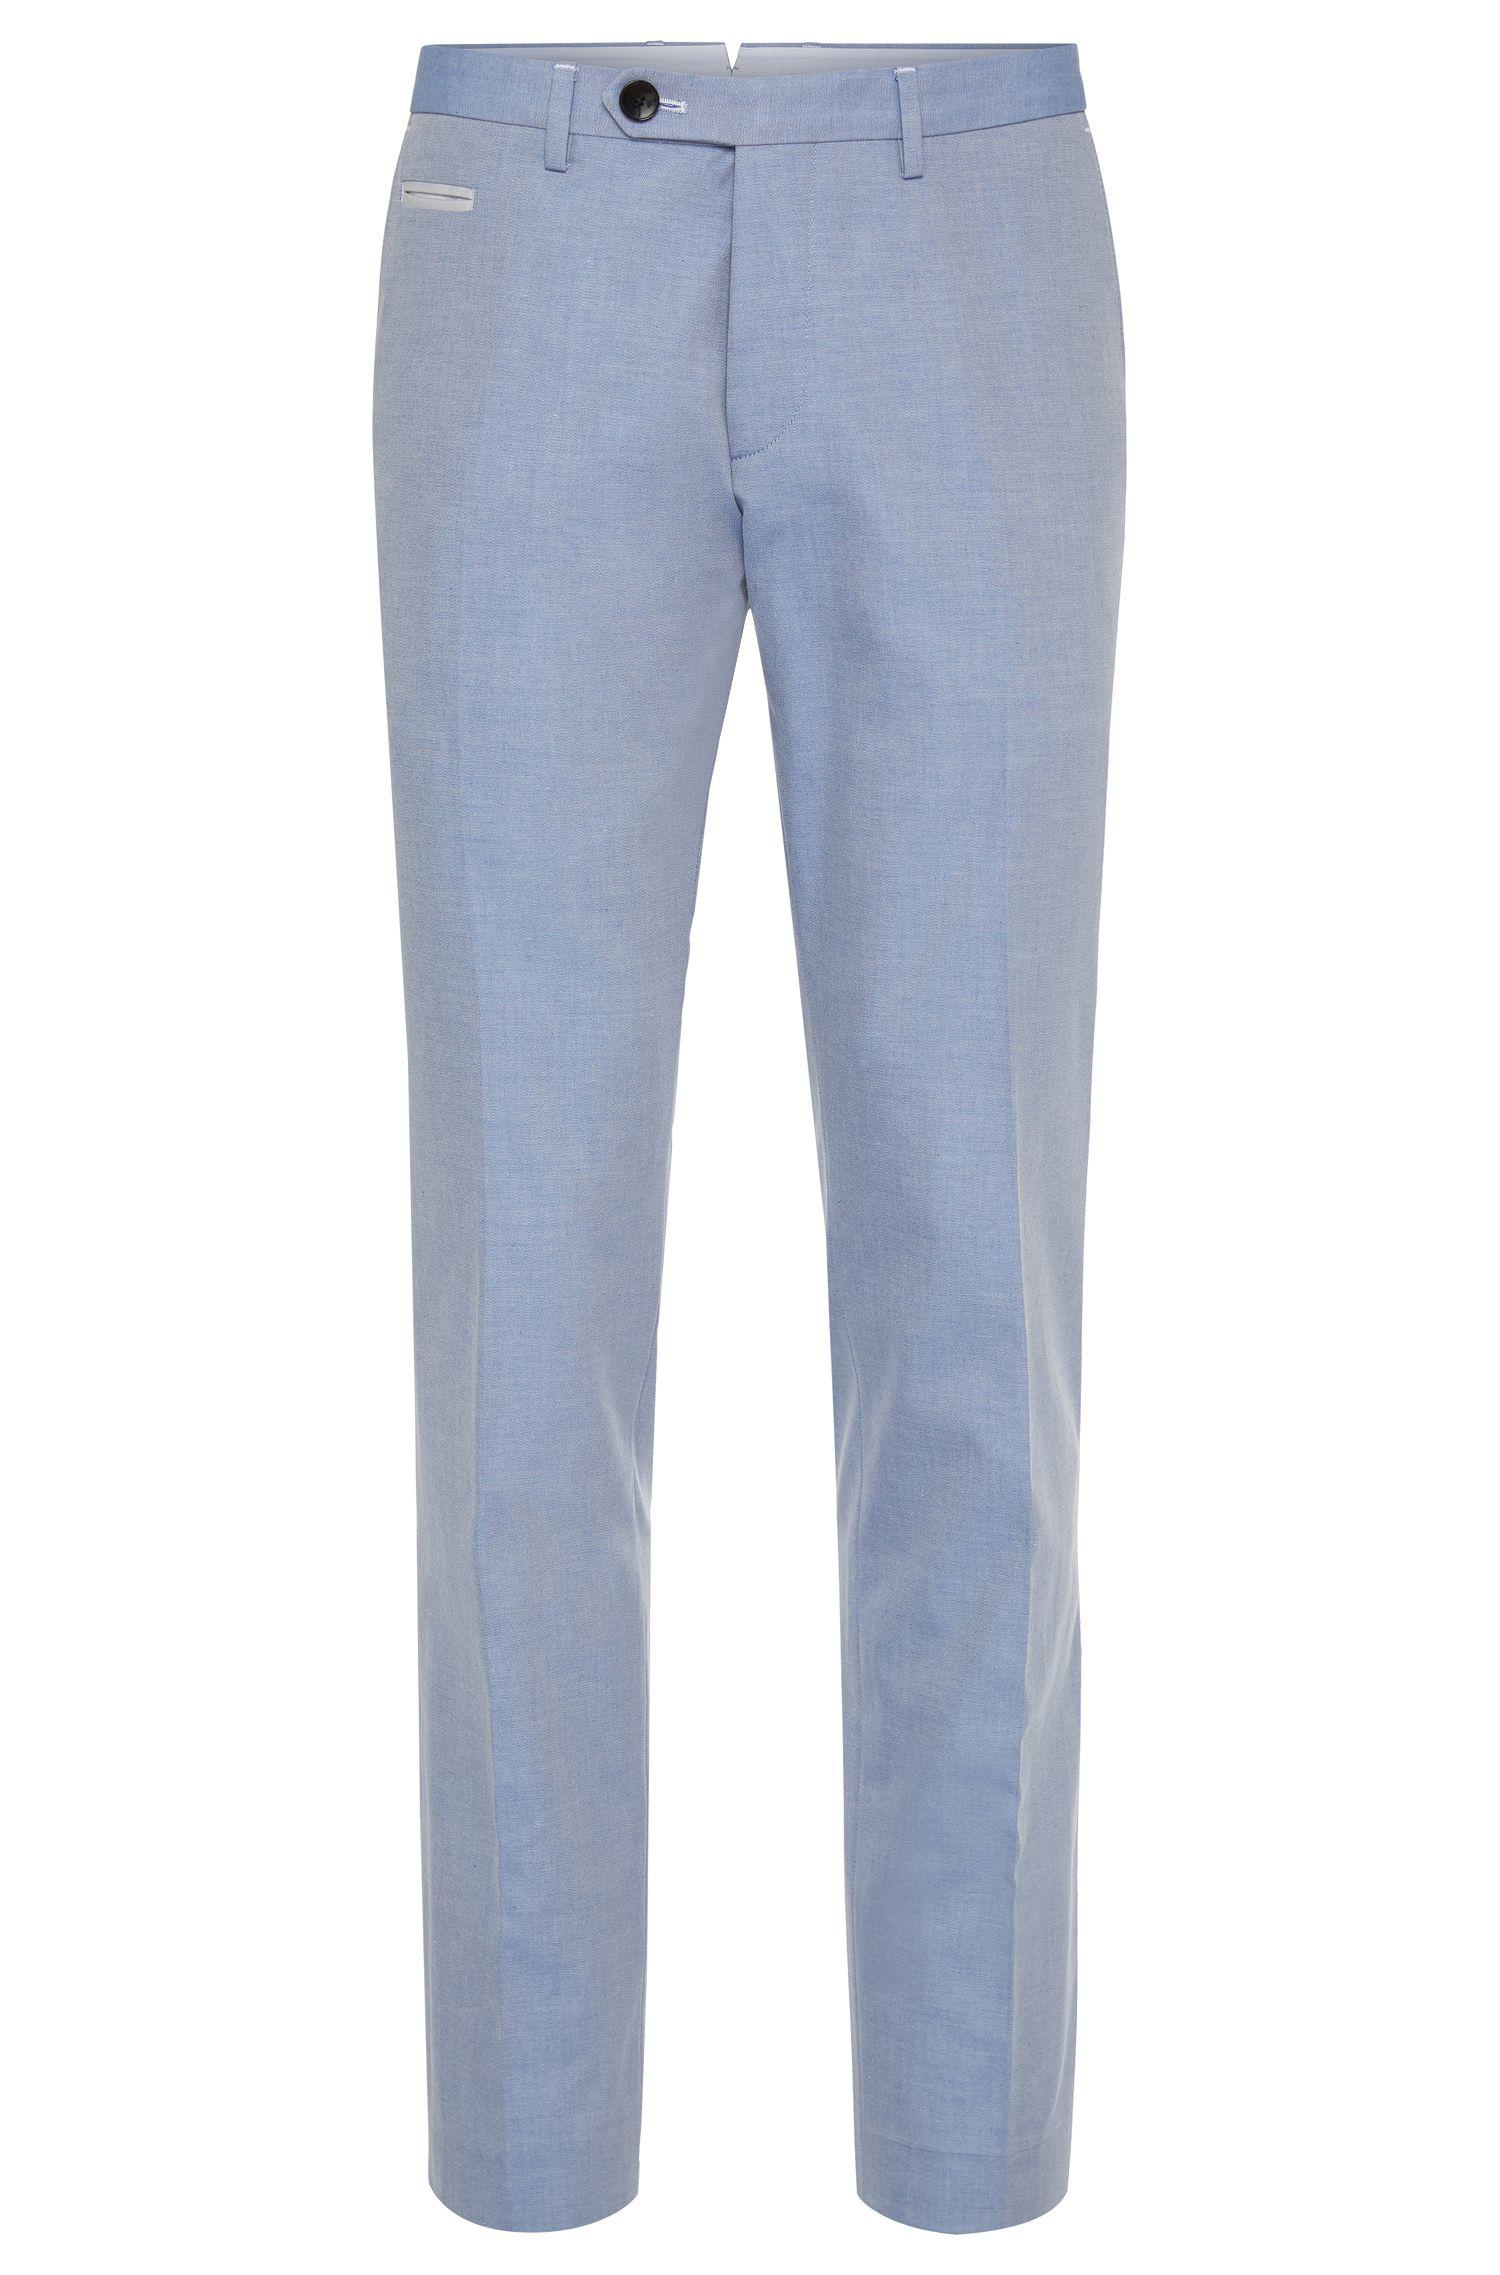 'Wilhelm' | Extra Slim Fit, Cotton Dress Pants